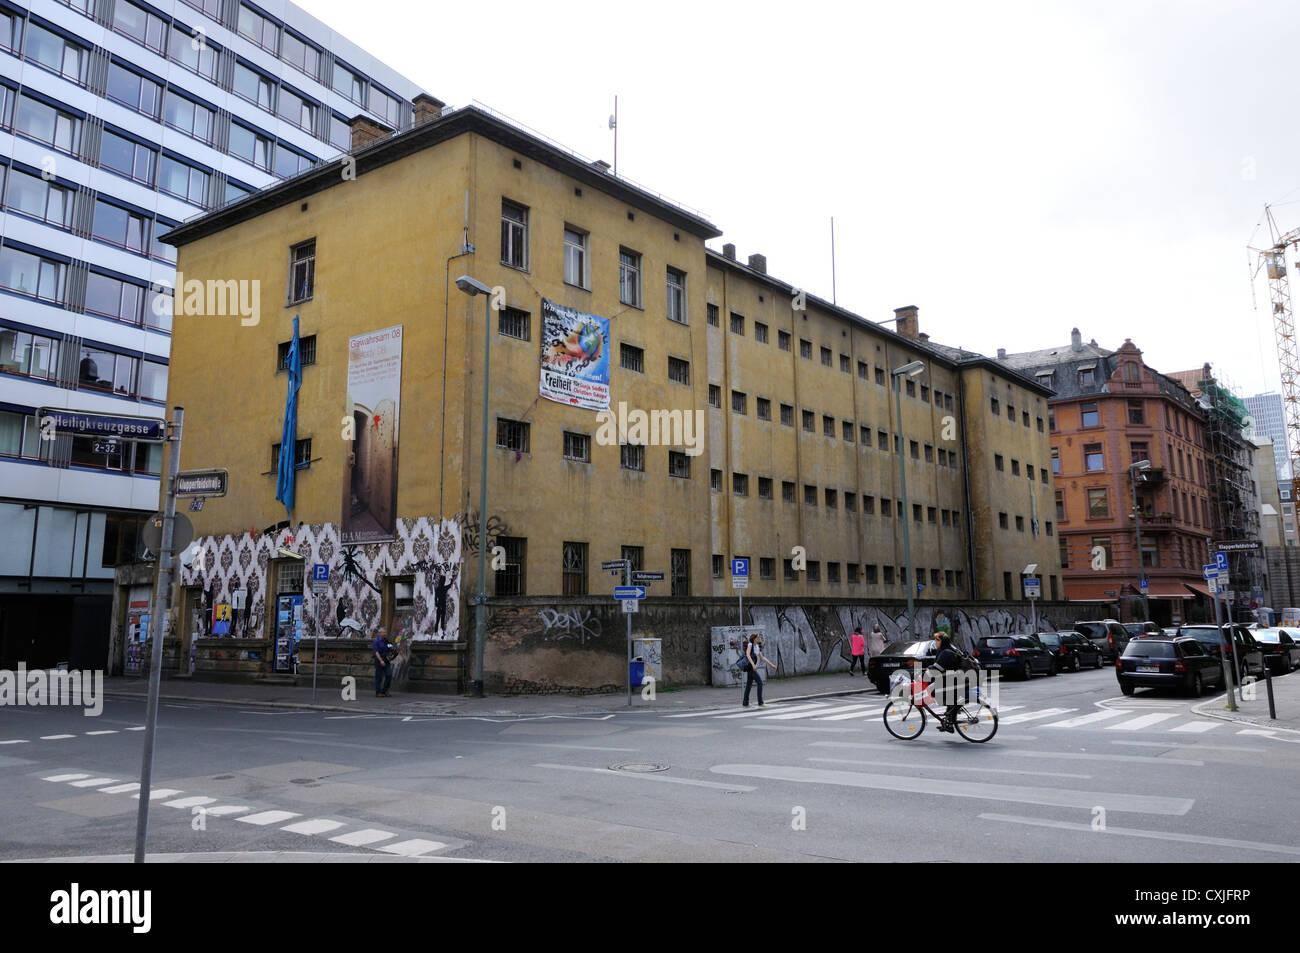 The former police prison at the corner of Klapperfeldstrasse and Heligkreuzgasse, Frankfurt, Germany - Stock Image